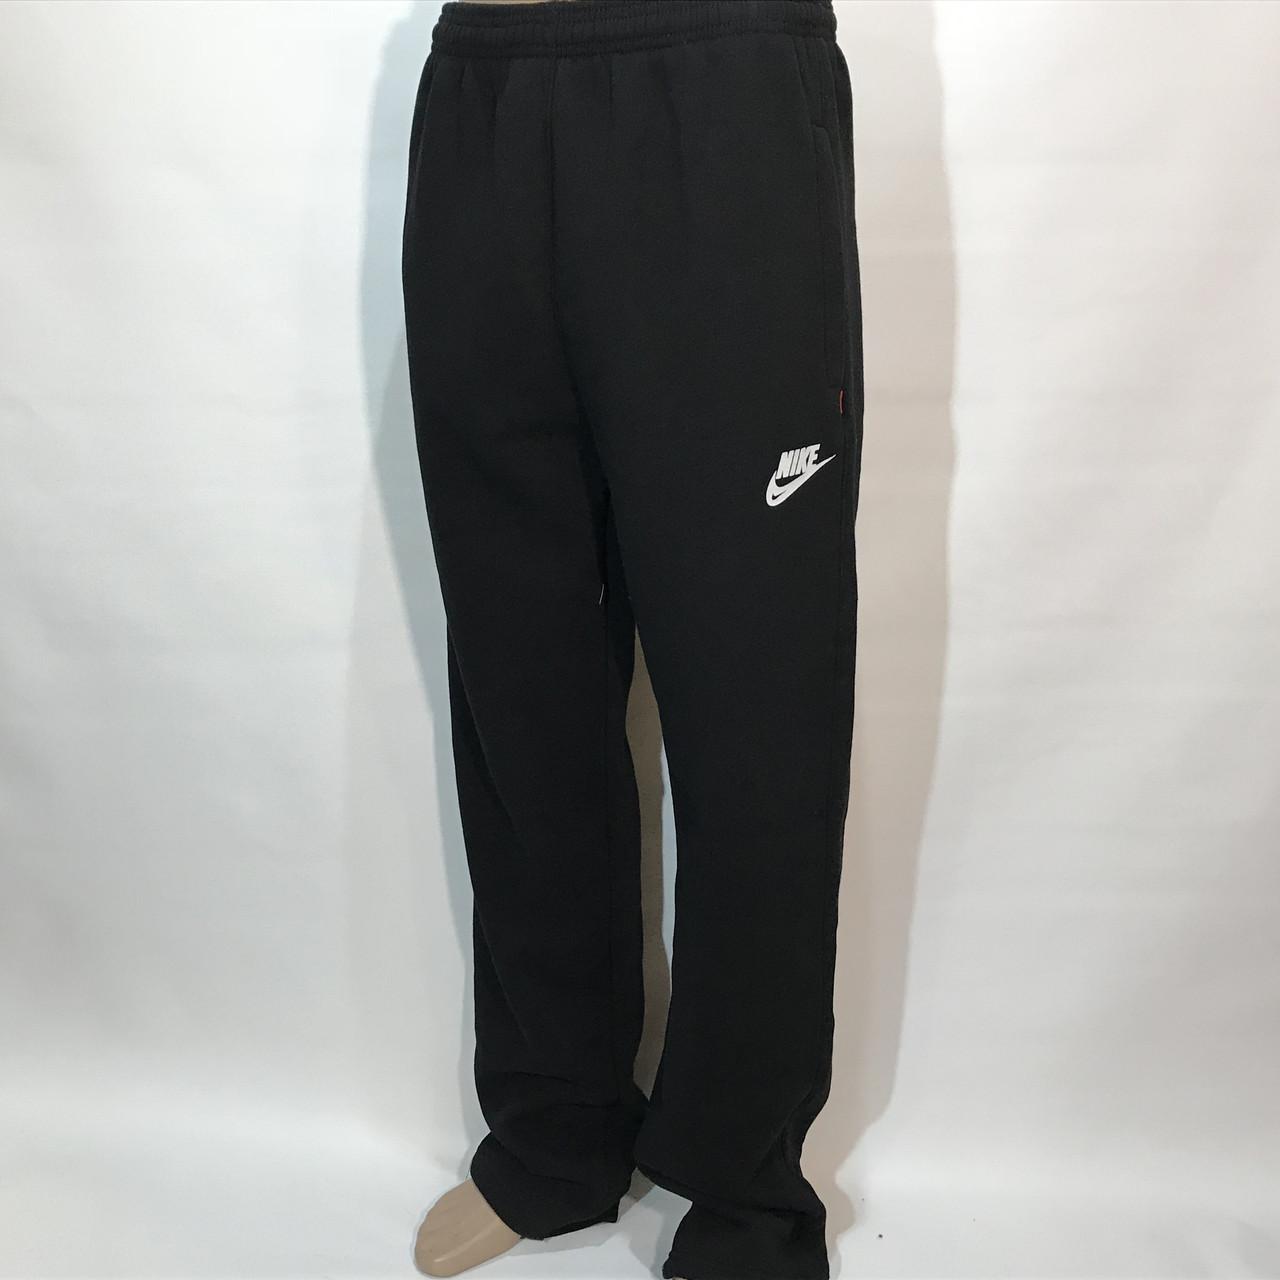 Штаны мужские Nike реплика теплые (большой размер)56,58,60,62,64 кашемировые.